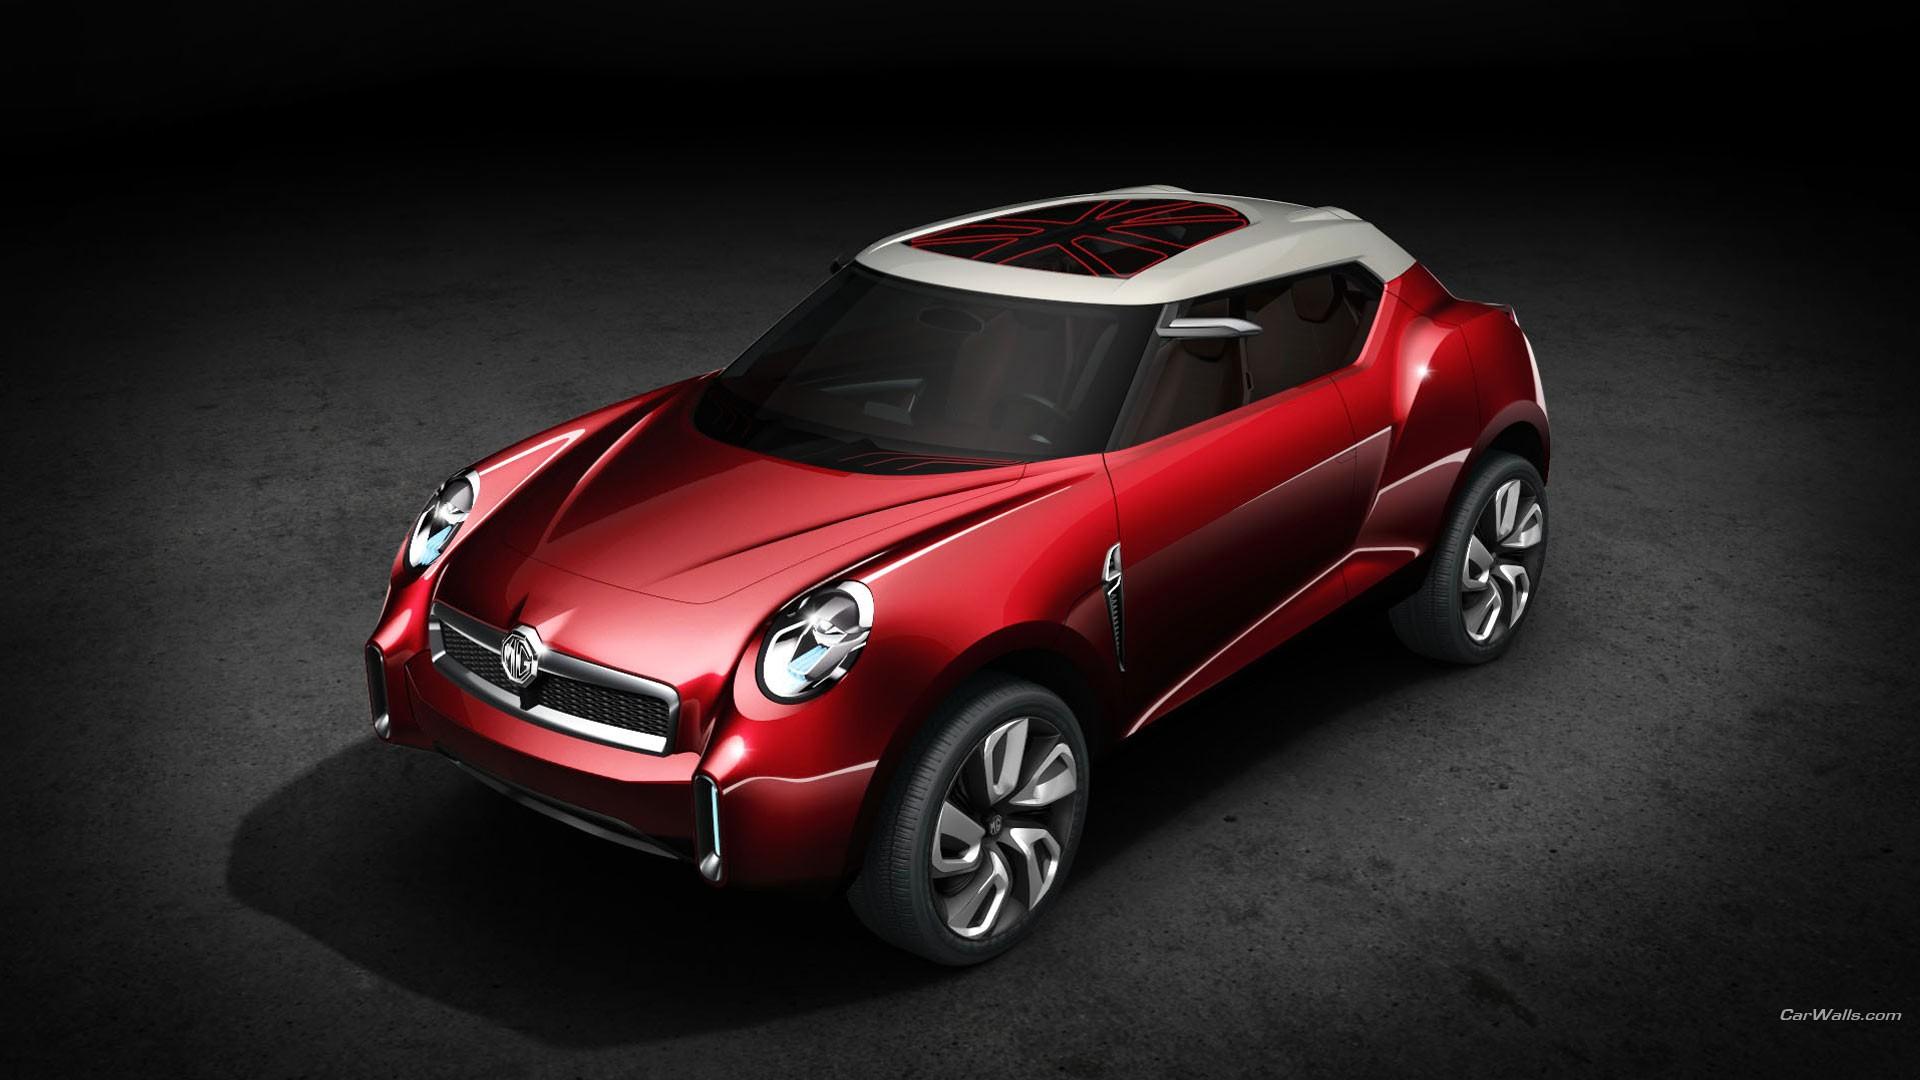 Каталог новых авто в картинках